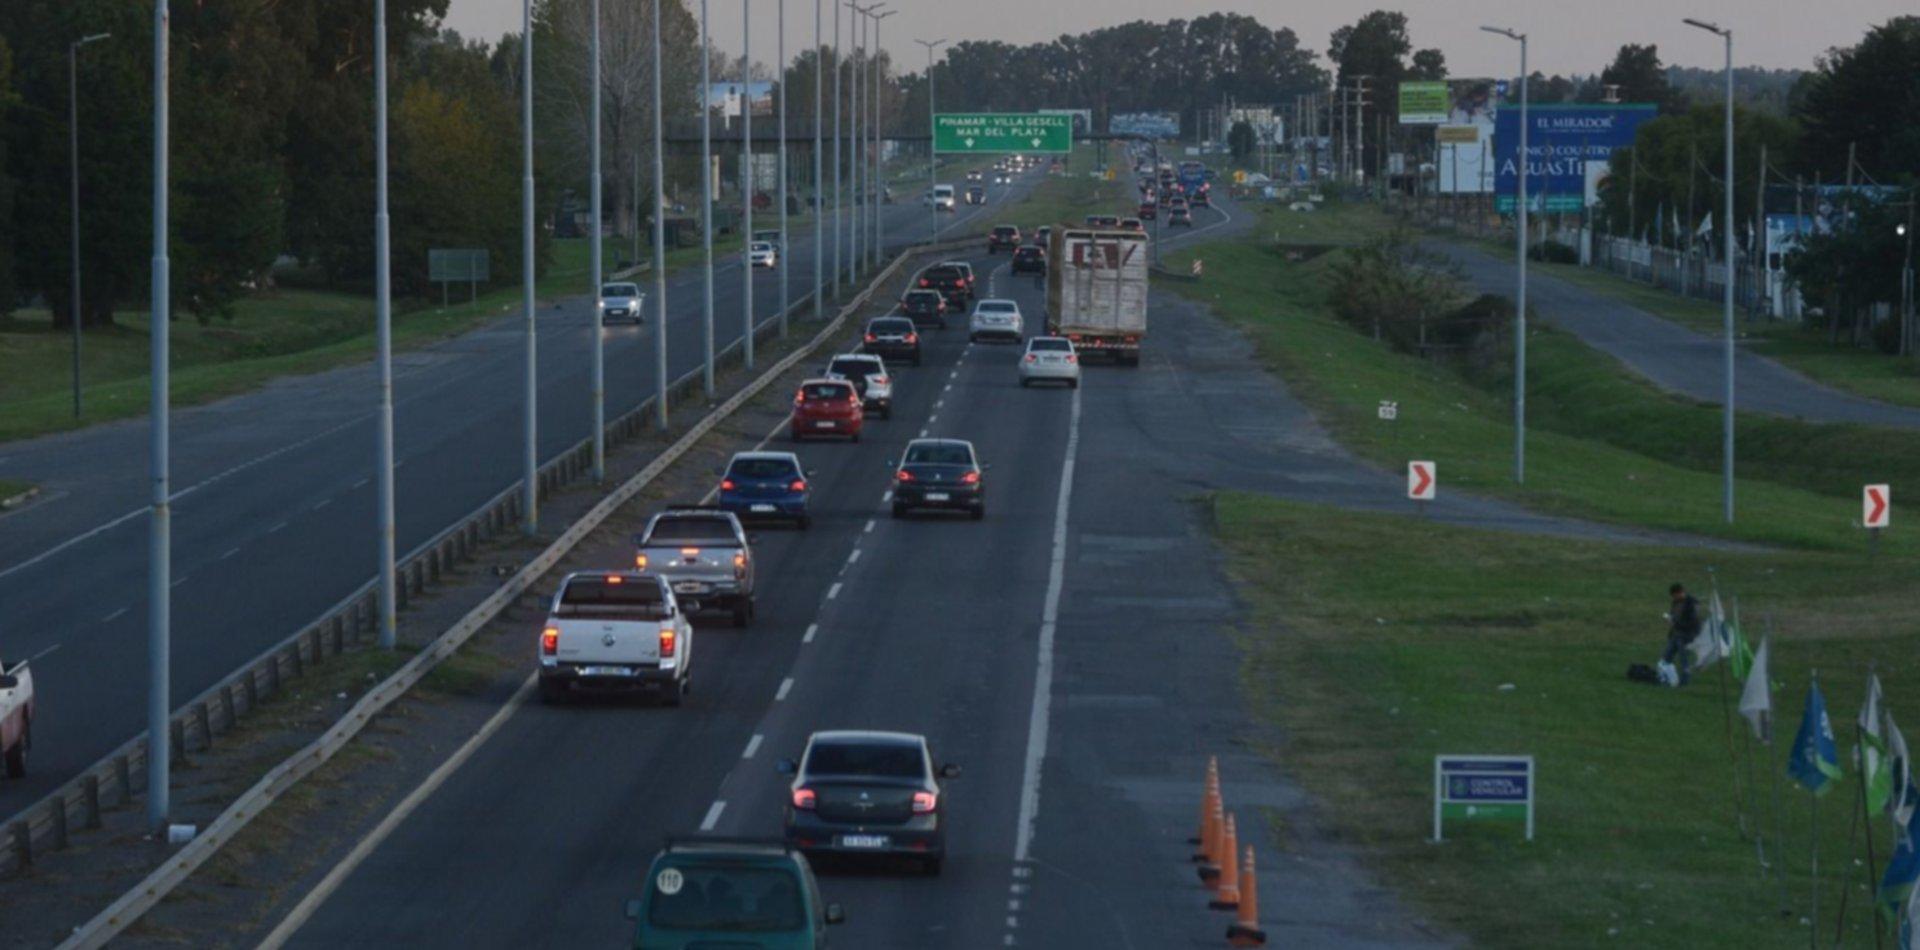 Arrancó el éxodo de Semana Santa: 4 mil autos por hora pasan por los peajes a la Costa